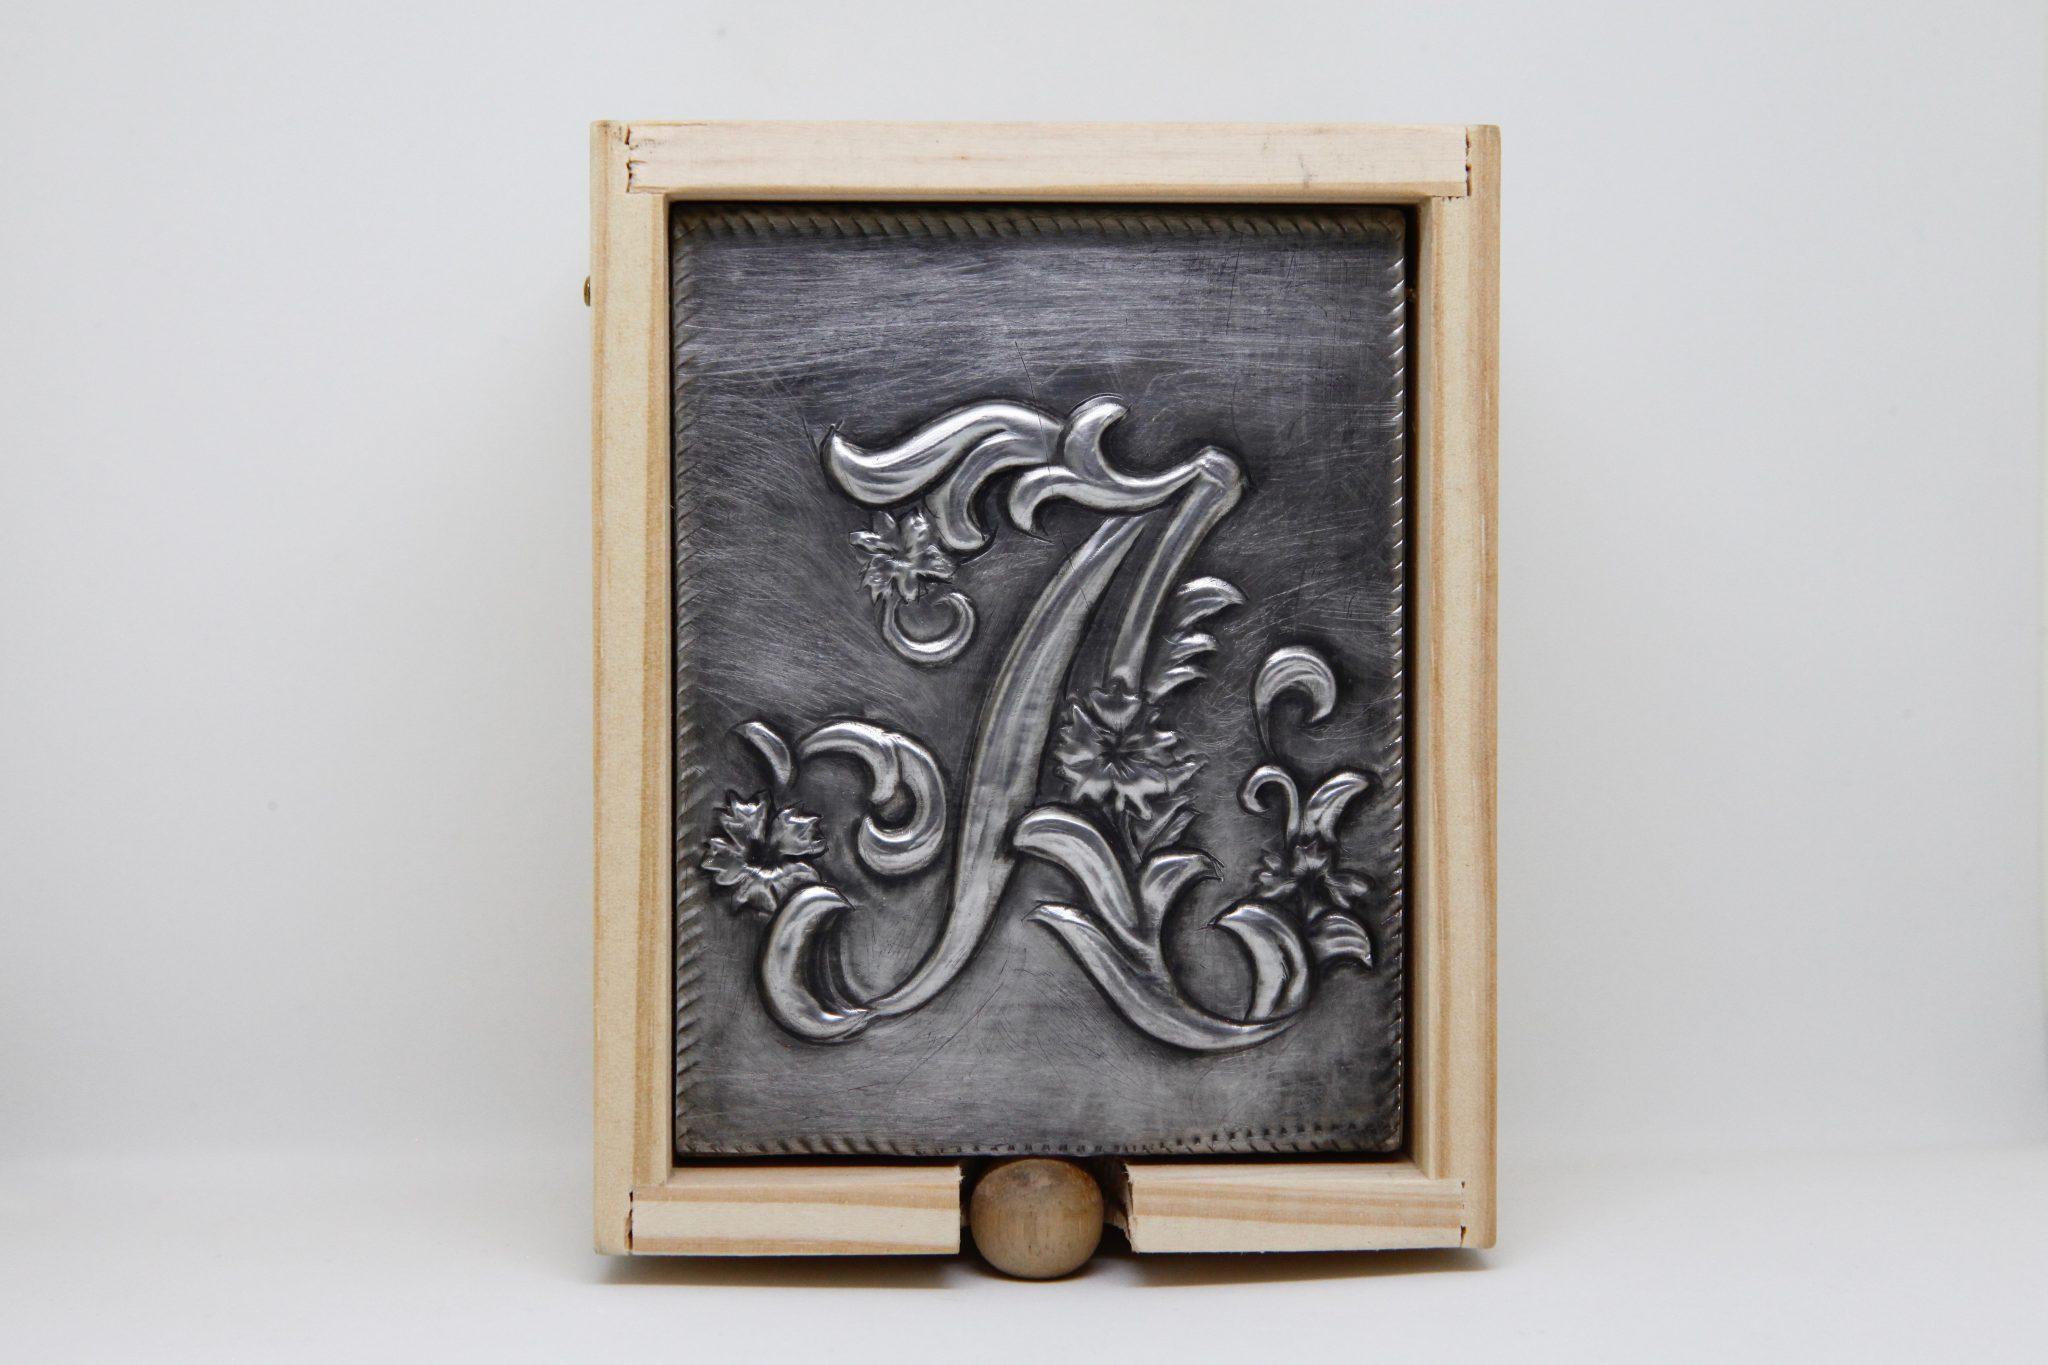 浮雕藝術工作坊 - DESIGN - K11